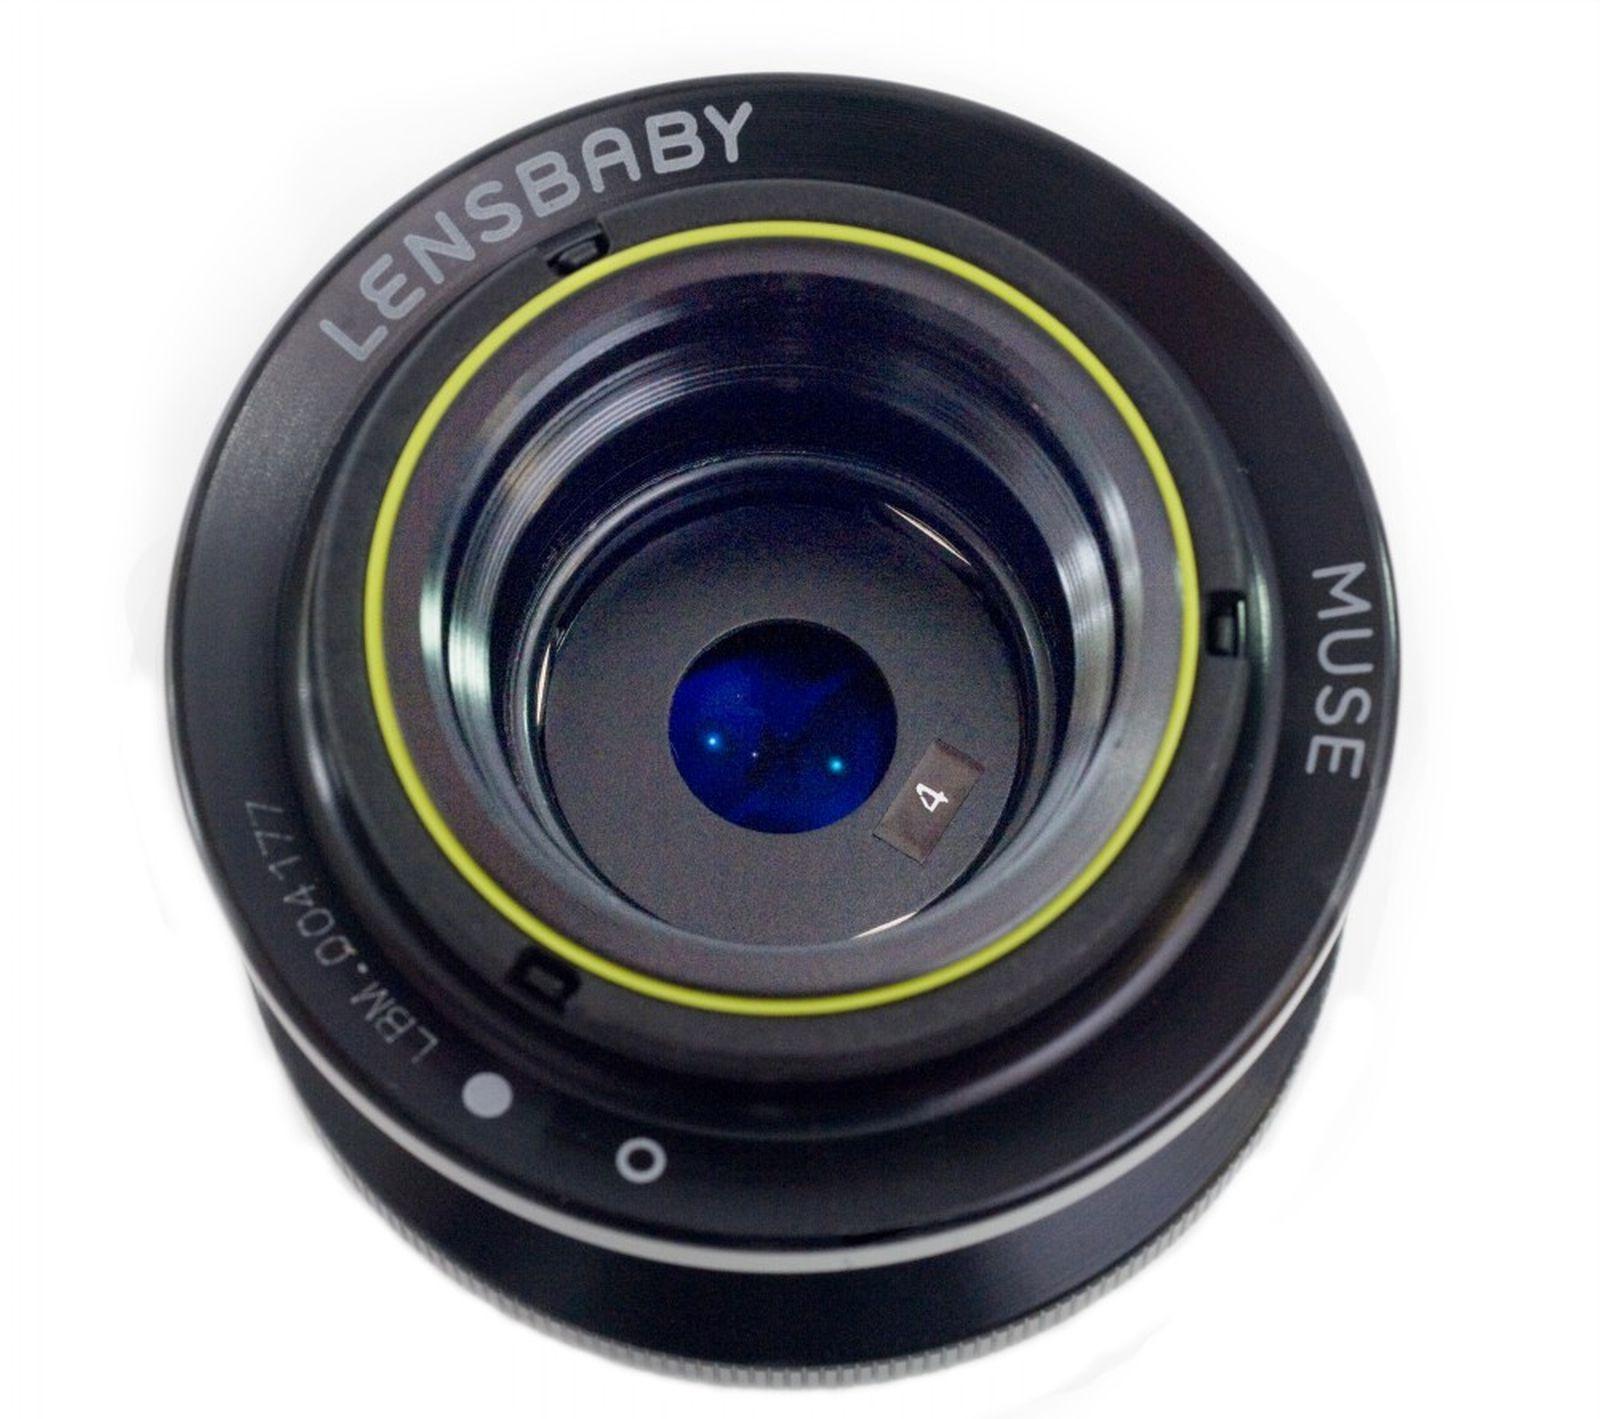 Объектив Lensbaby Composer Double Glass 50mm f/2.0 для Nikon, черный, серебристый